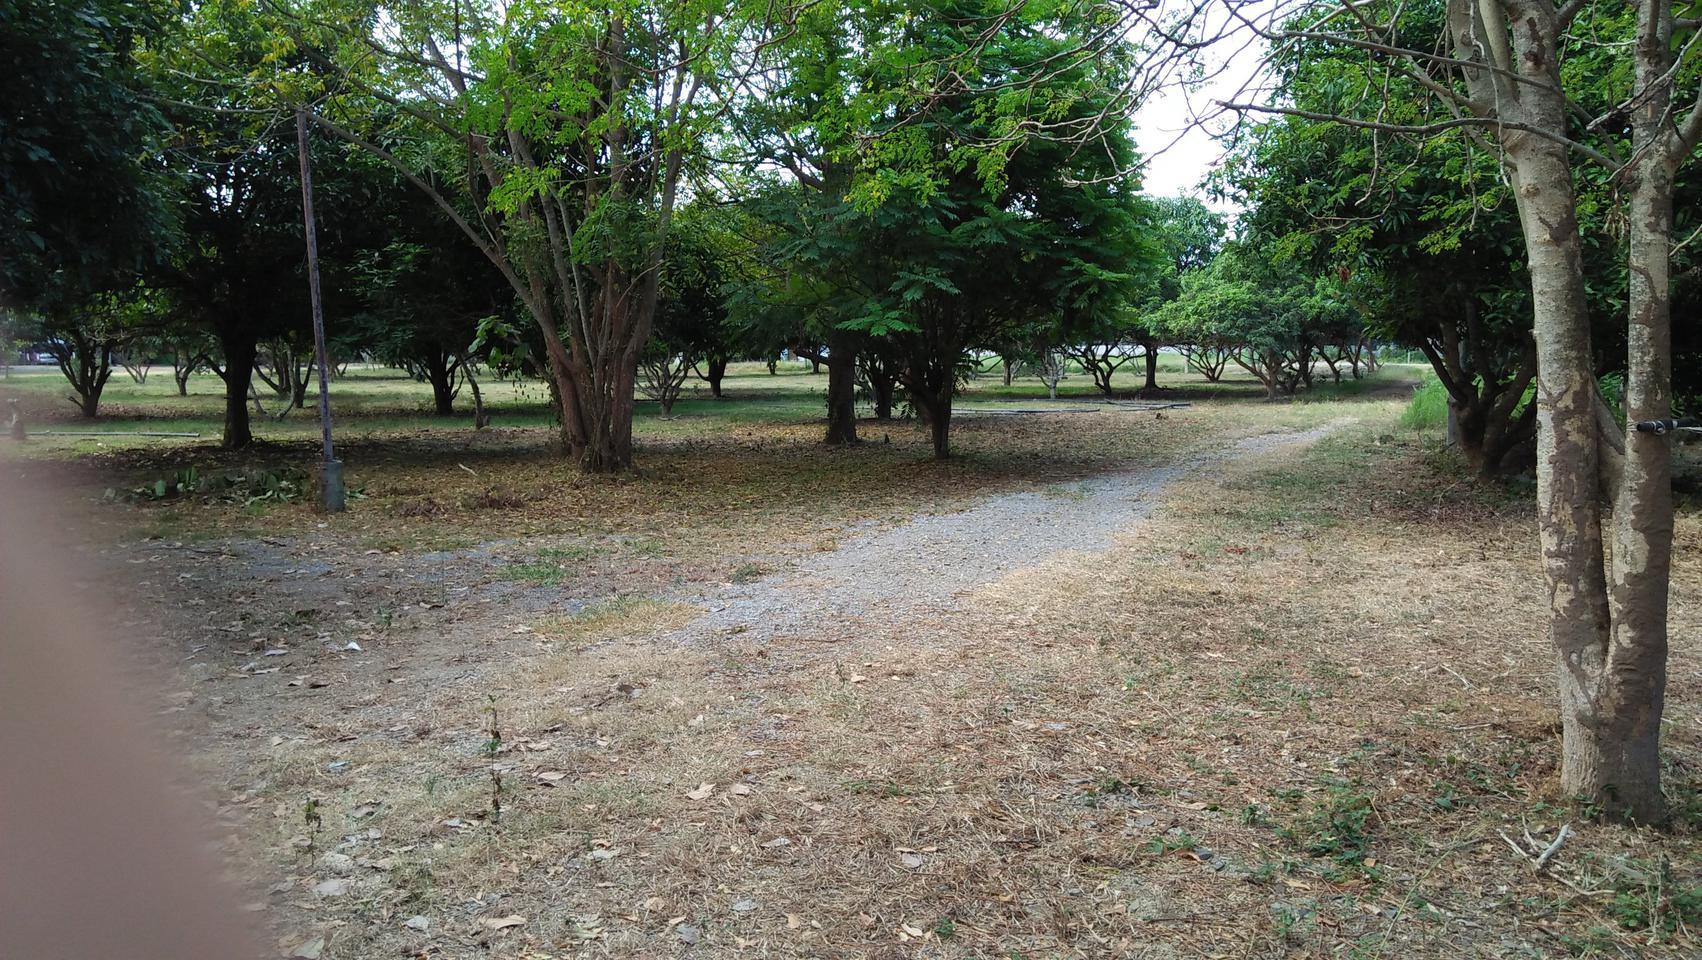 ที่ดินพร้อมสวนขนาดใหญ่ ติดห้วยลำธาร แหล่งธรรมชาติ น่าอยู่มาก รูปที่ 1